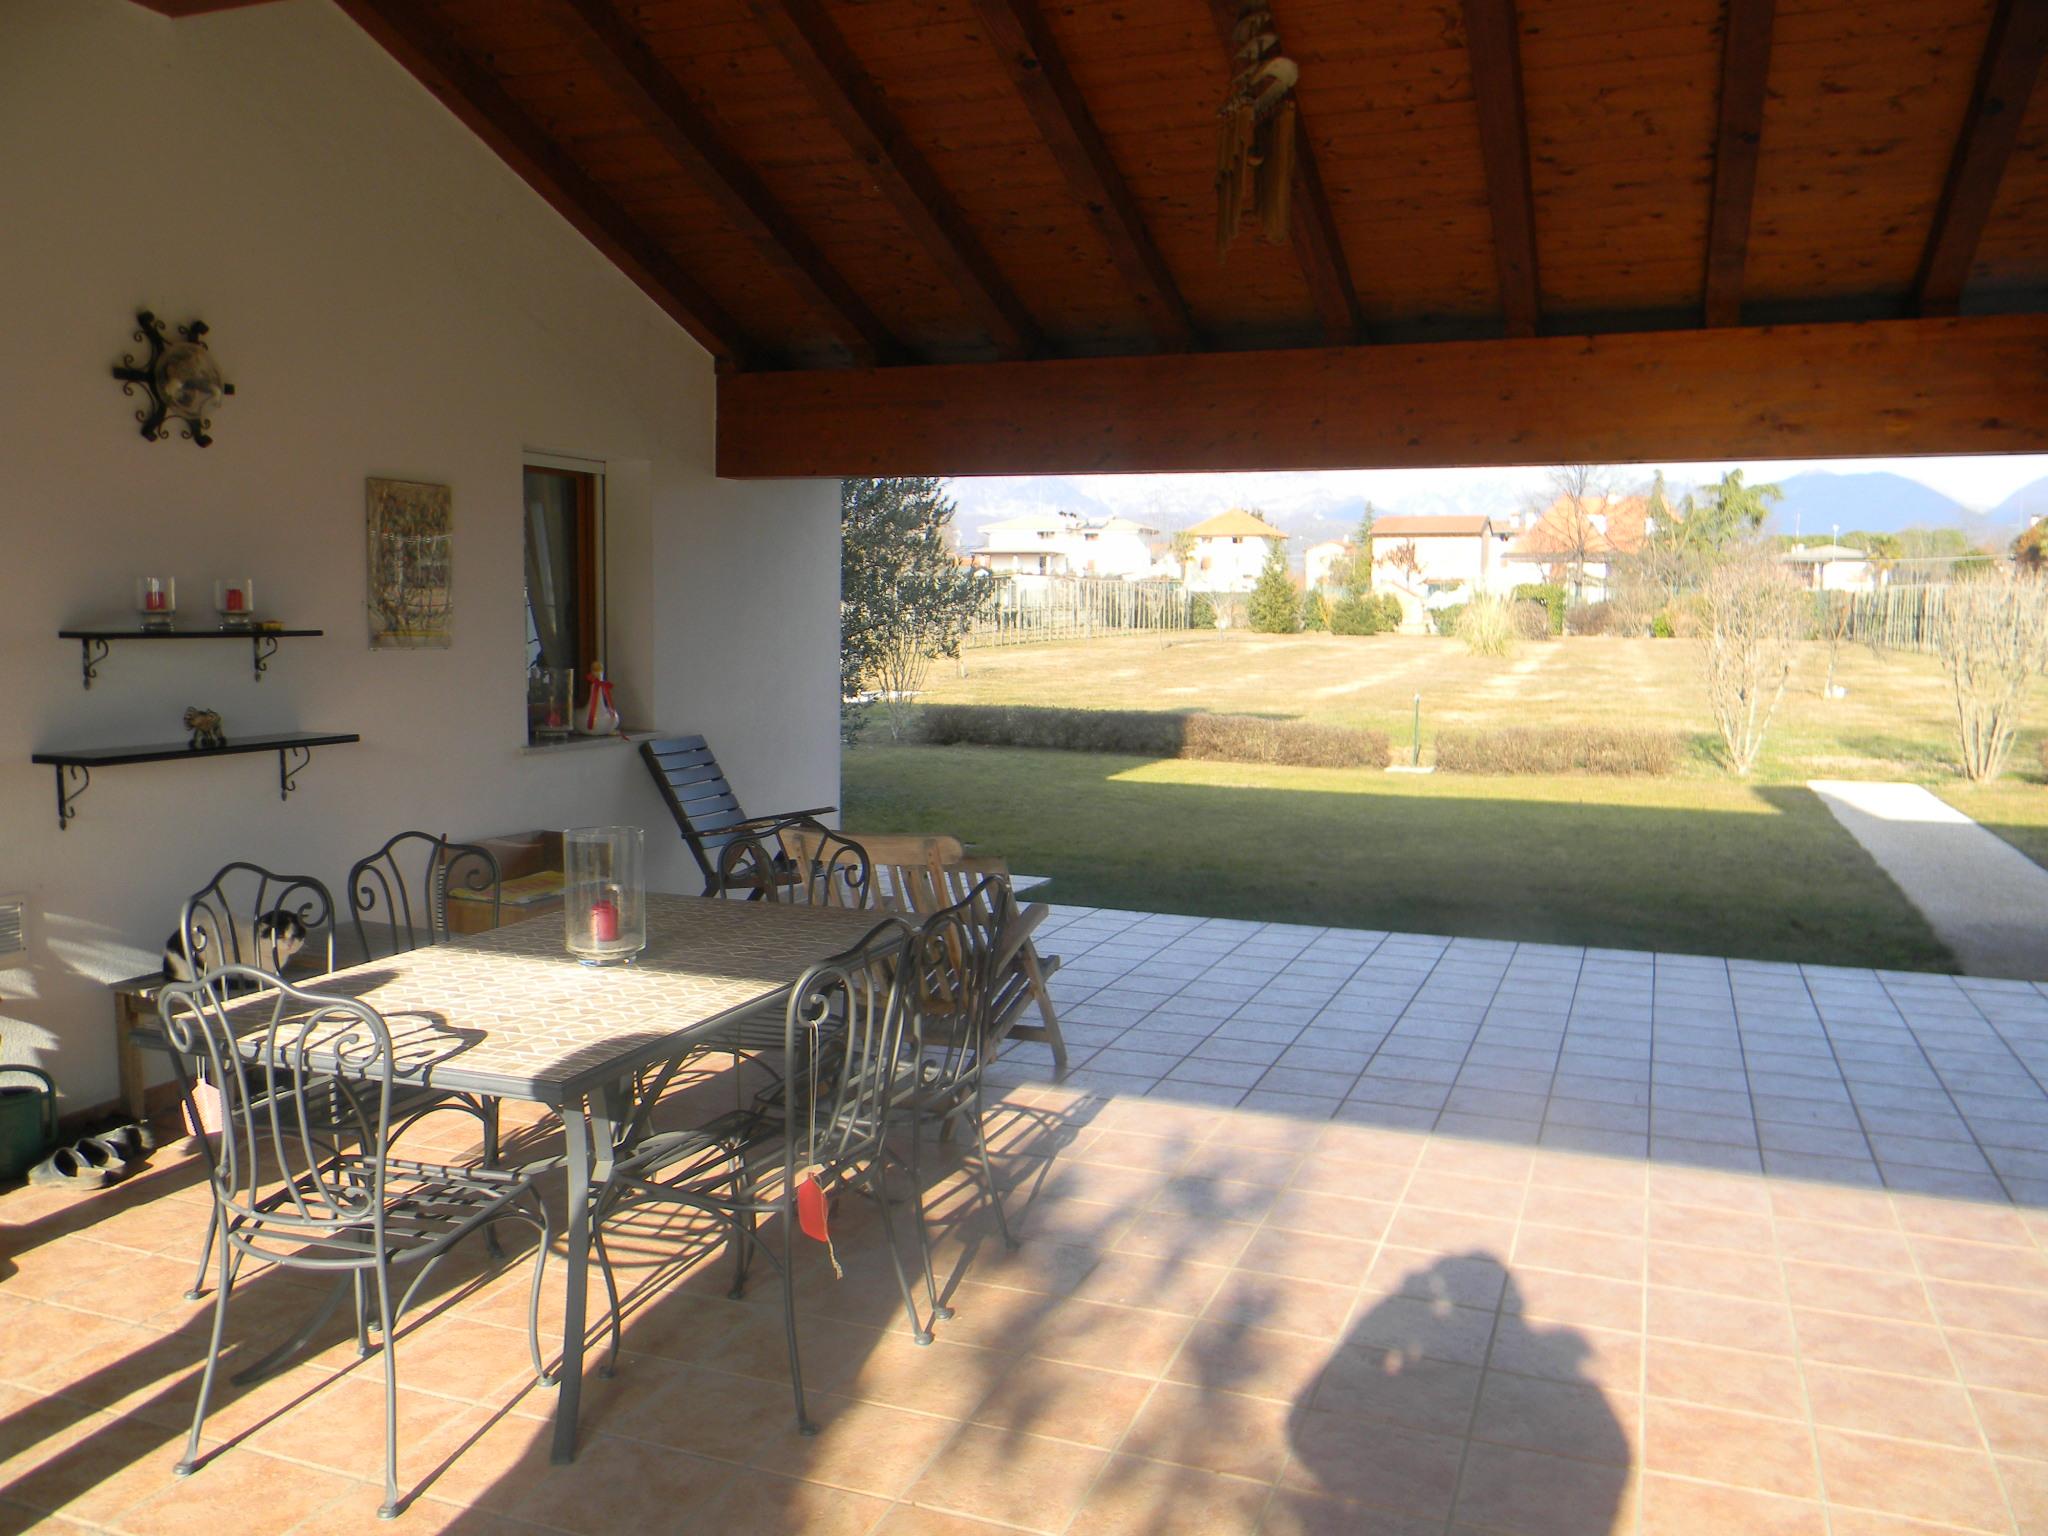 Casa singola con giardino arba 19 - Case affitto vinovo con giardino ...